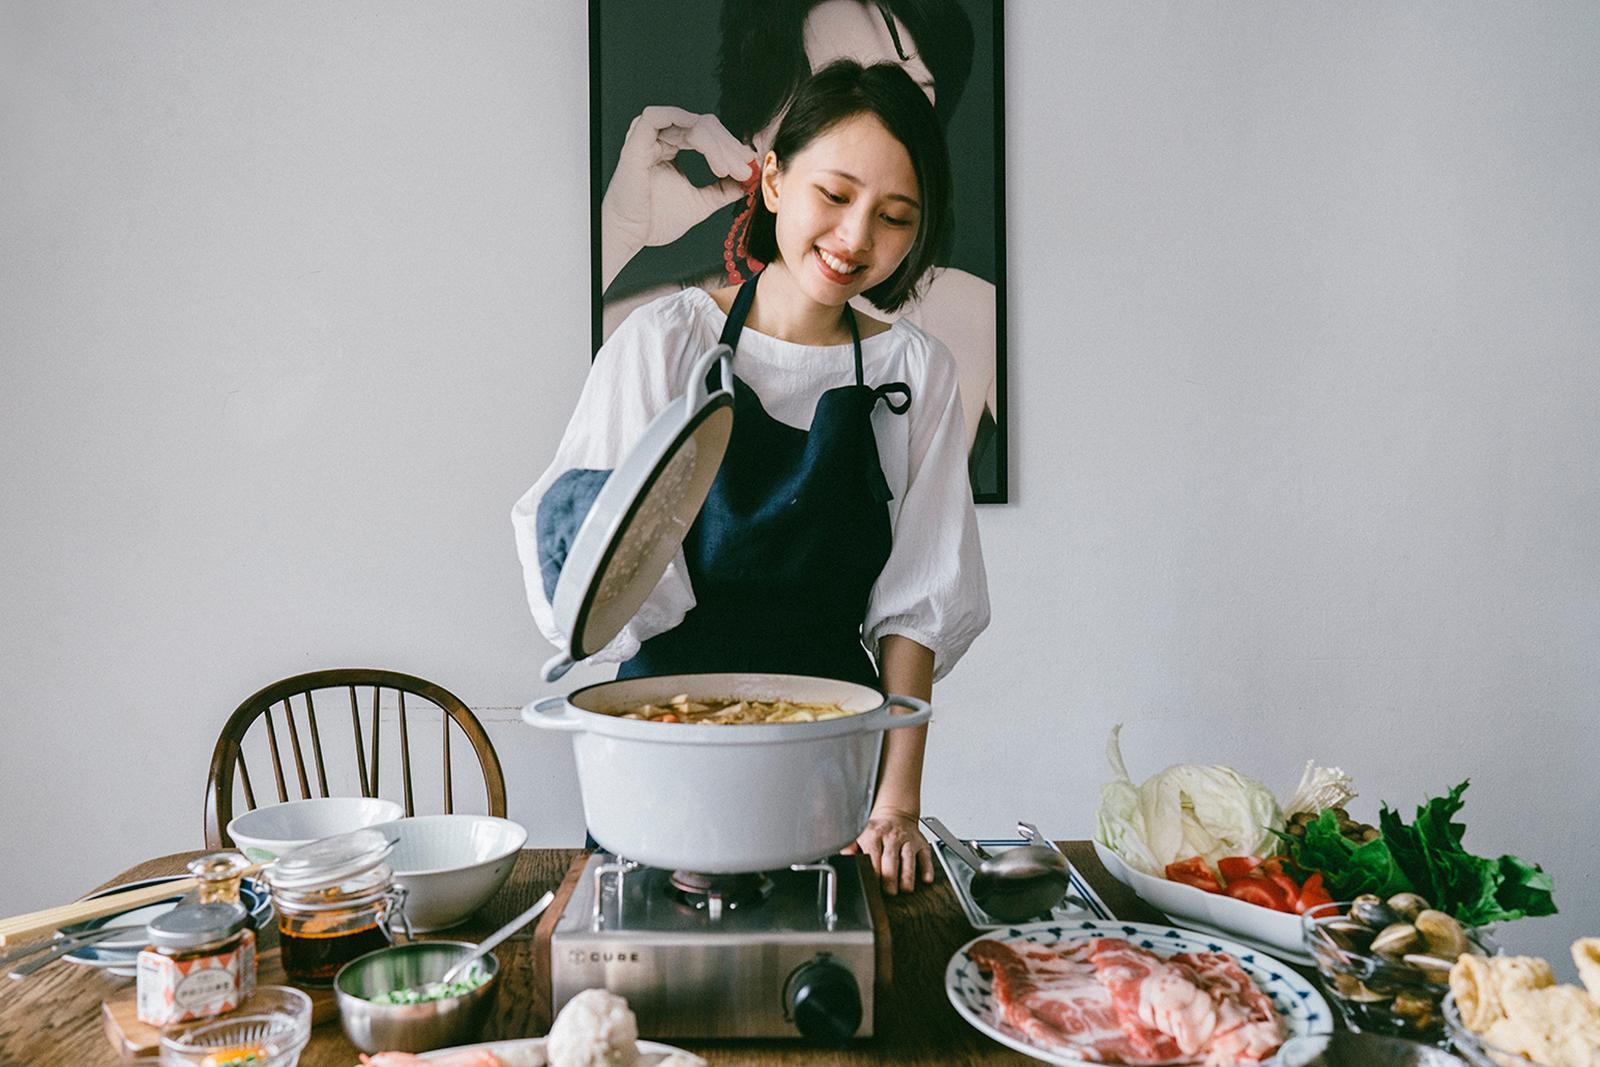 必須要煮,和煮得開心是不一樣的——昉小姐的療癒餐桌與廚房